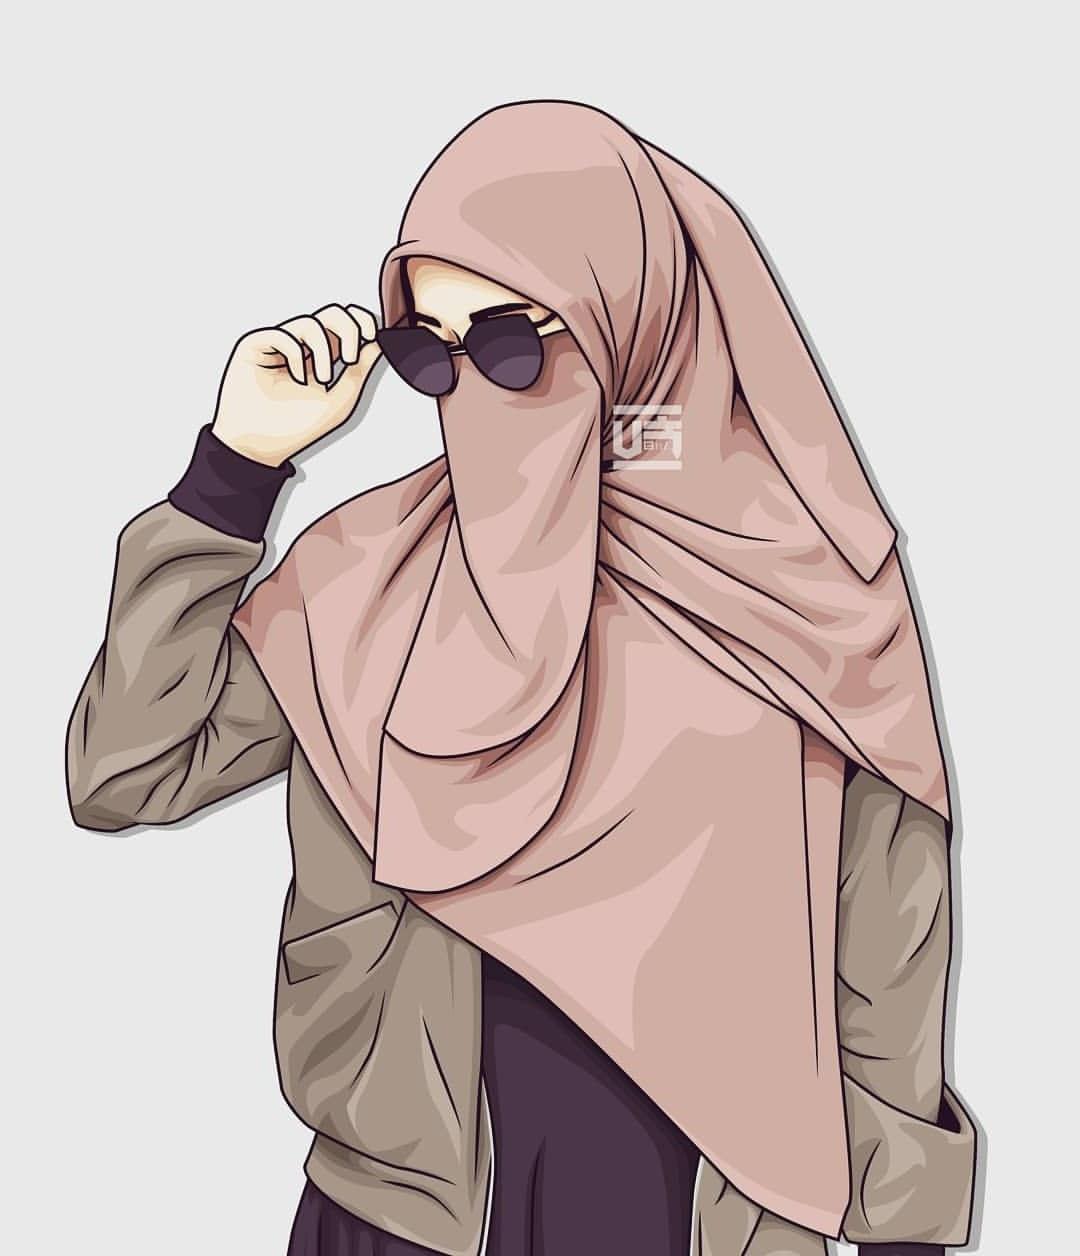 Ide Muslimah Bercadar Keren O2d5 1000 Gambar Kartun Muslimah Cantik Bercadar Kacamata El